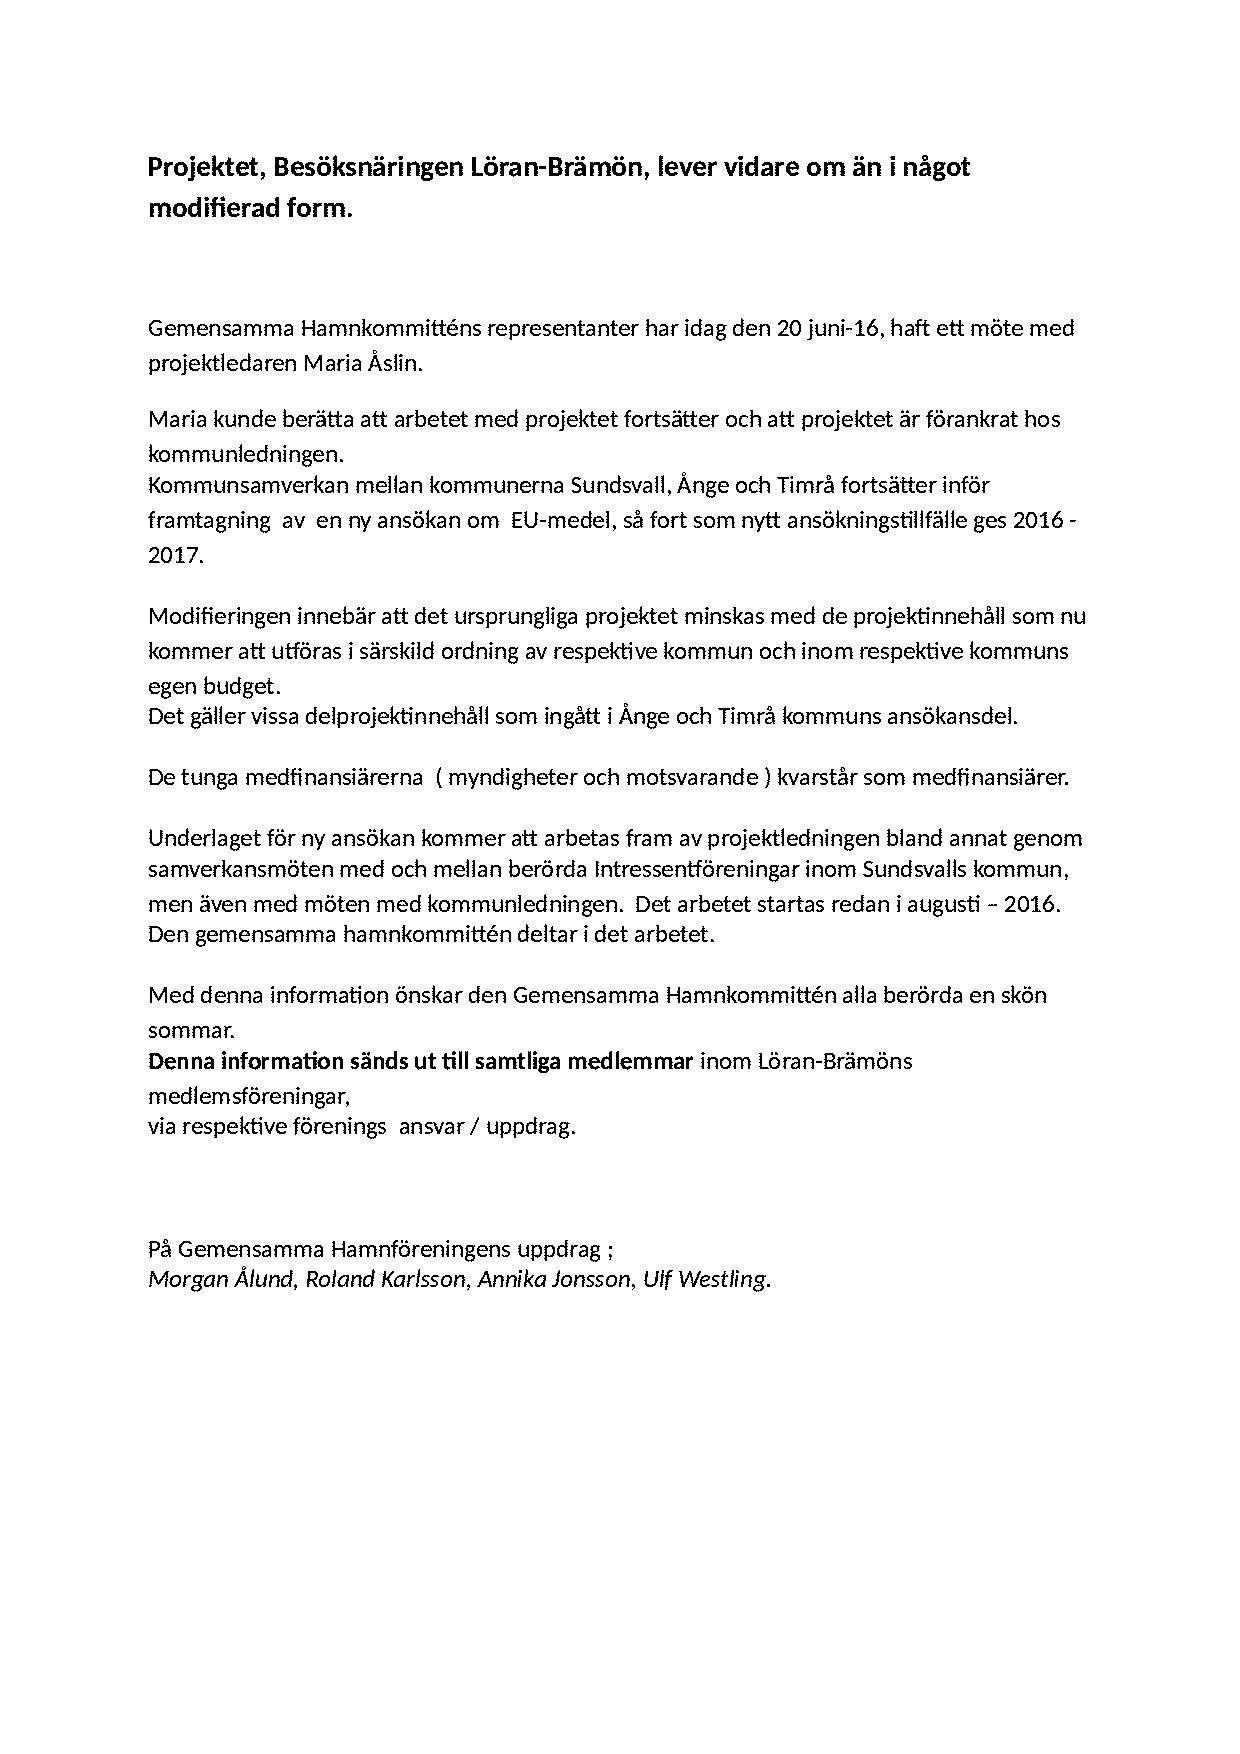 Projektet Löran-Brämön